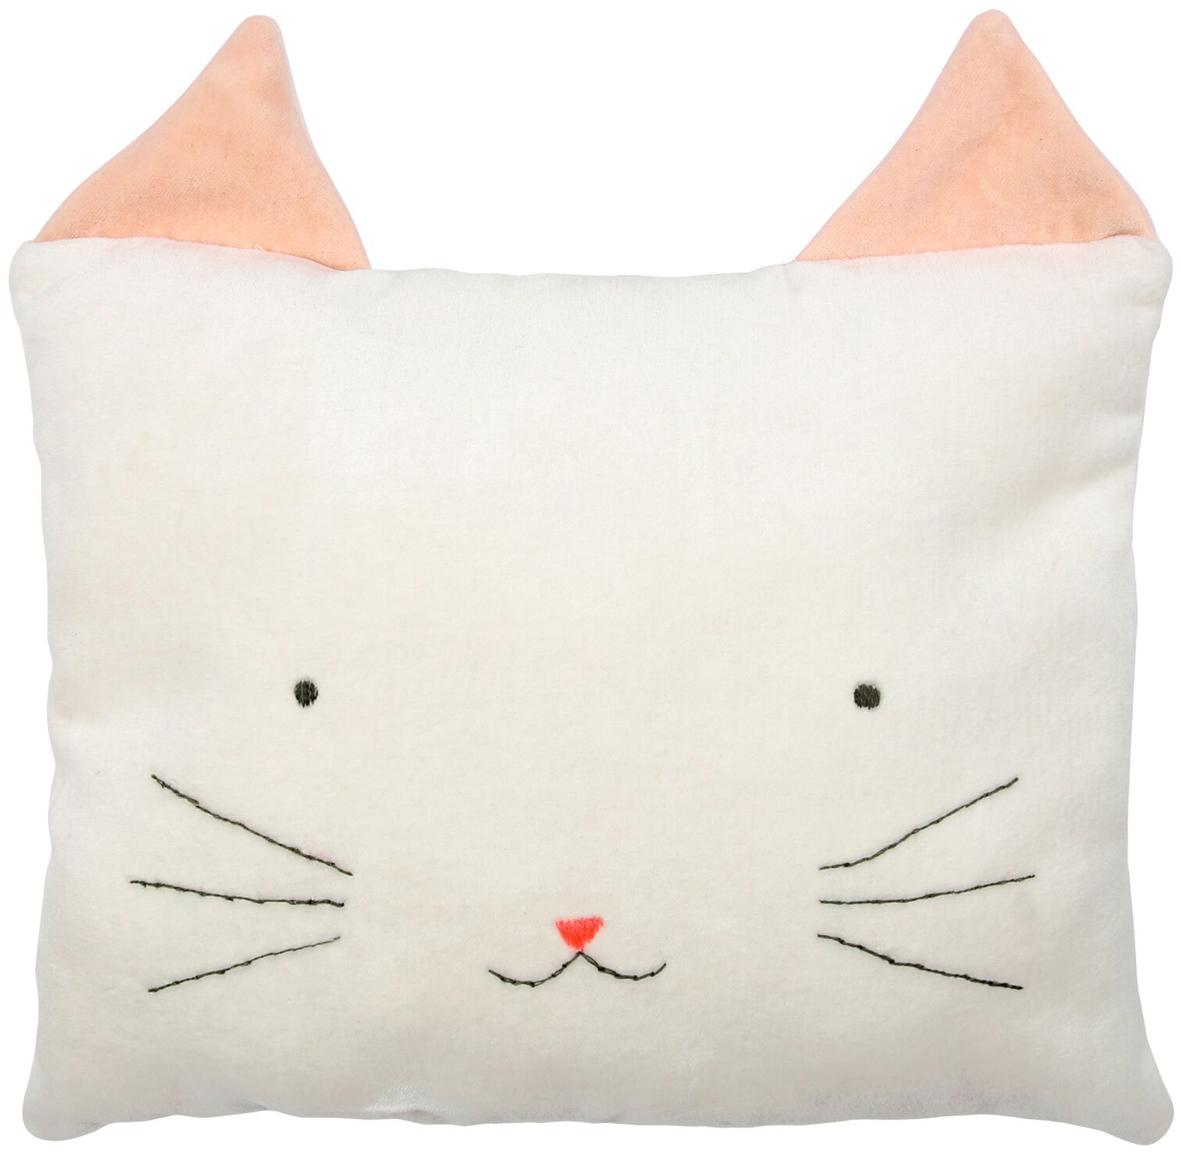 Cuscino soffice gatto Cat, Rivestimento: velluto di cotone, Bianco latteo, rosa, nero, Larg. 30 x Alt. 30 cm